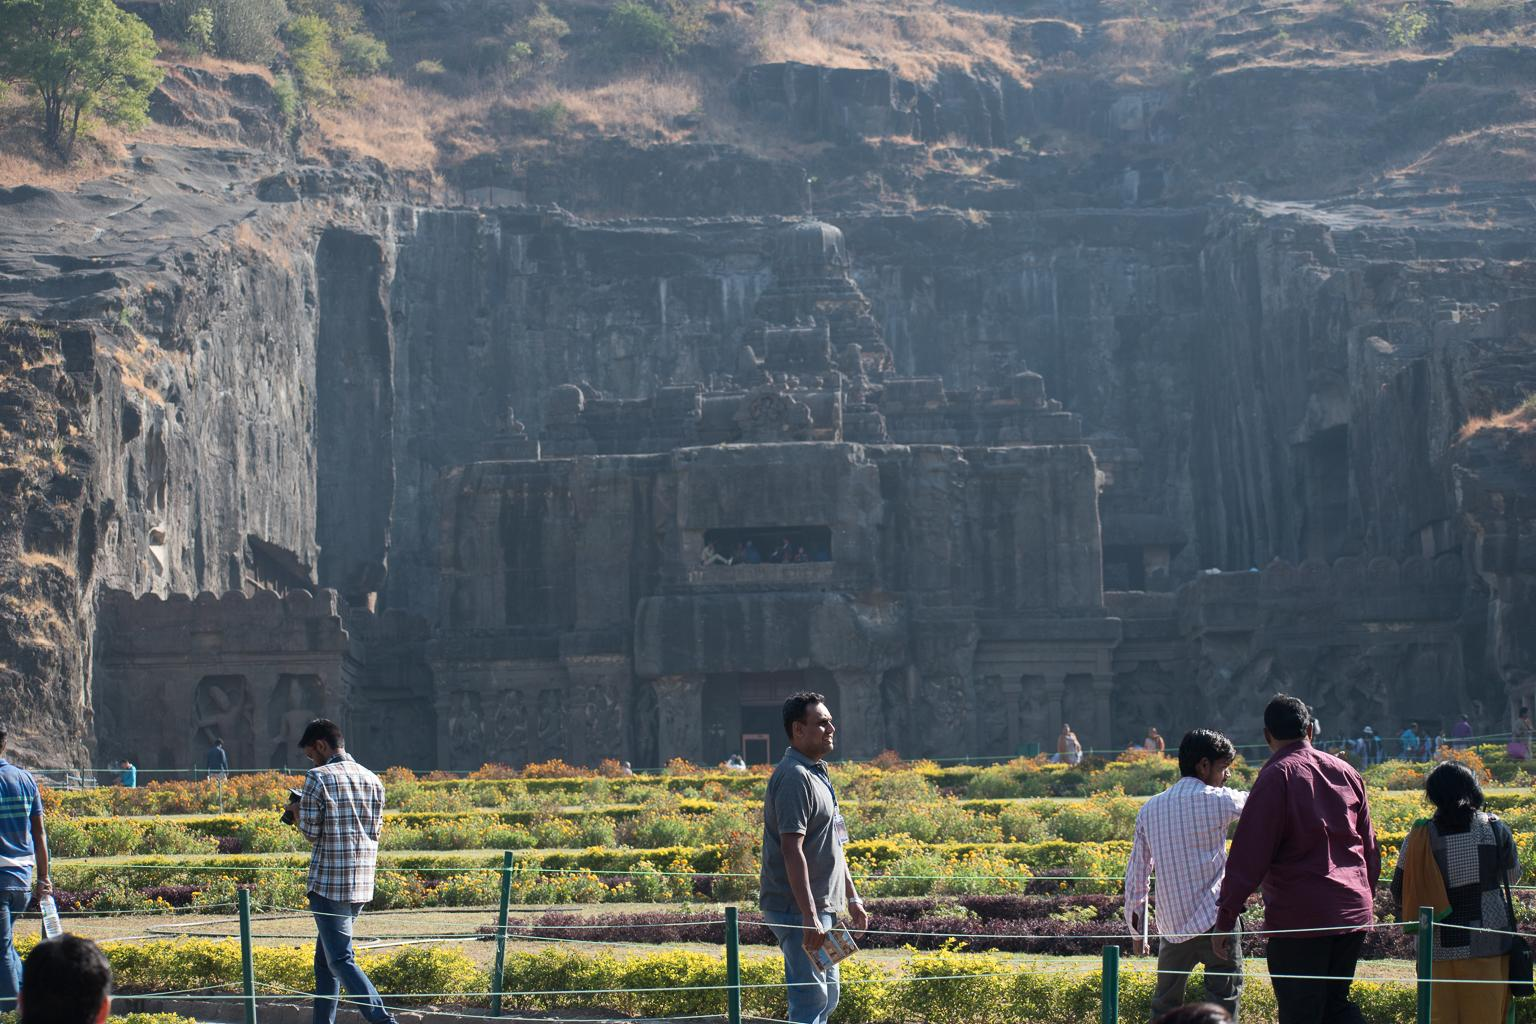 எல்லோரா கயிலாசநாதர் கோயில்